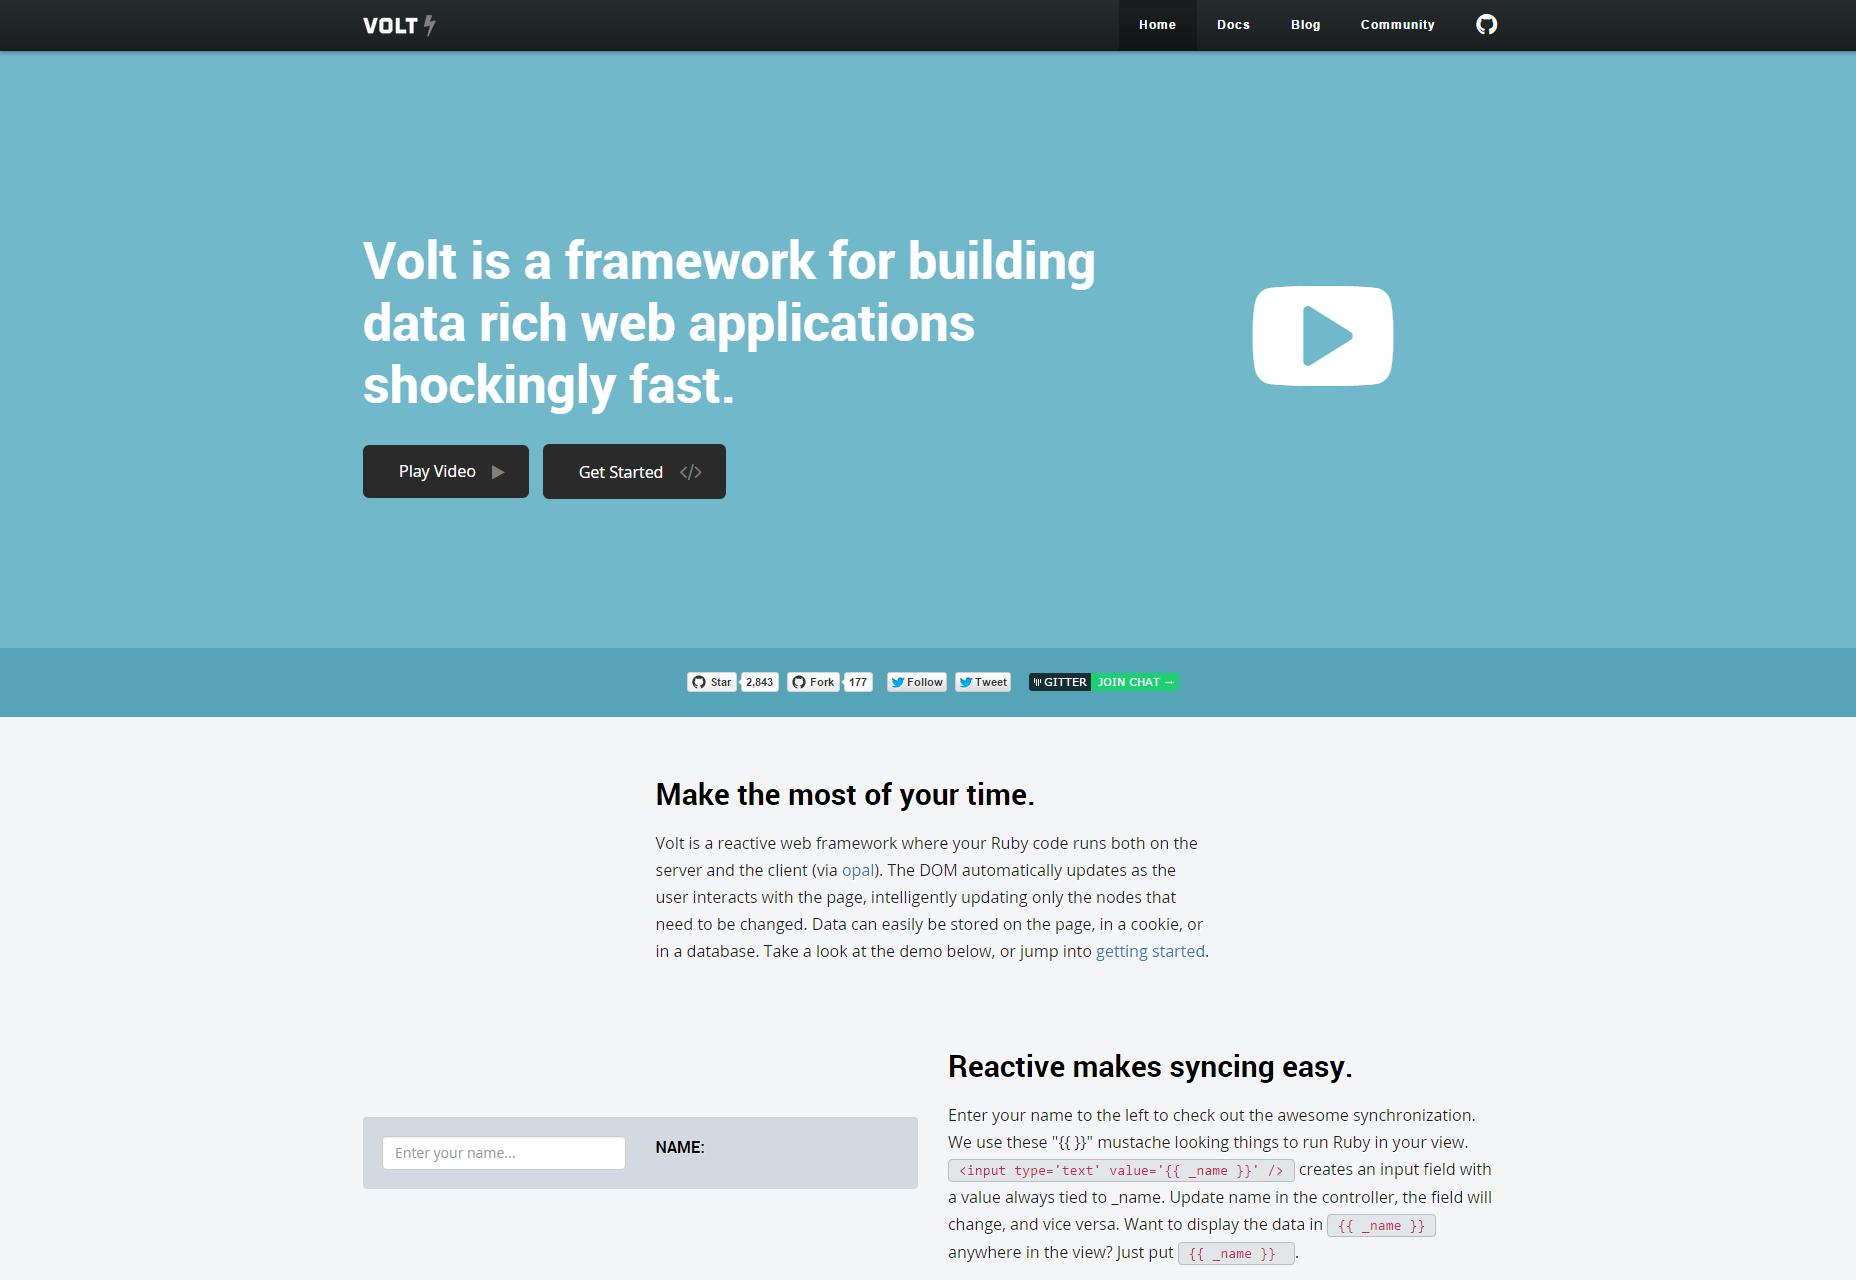 Volt: Marco de aplicaciones web ricas en datos reactivos